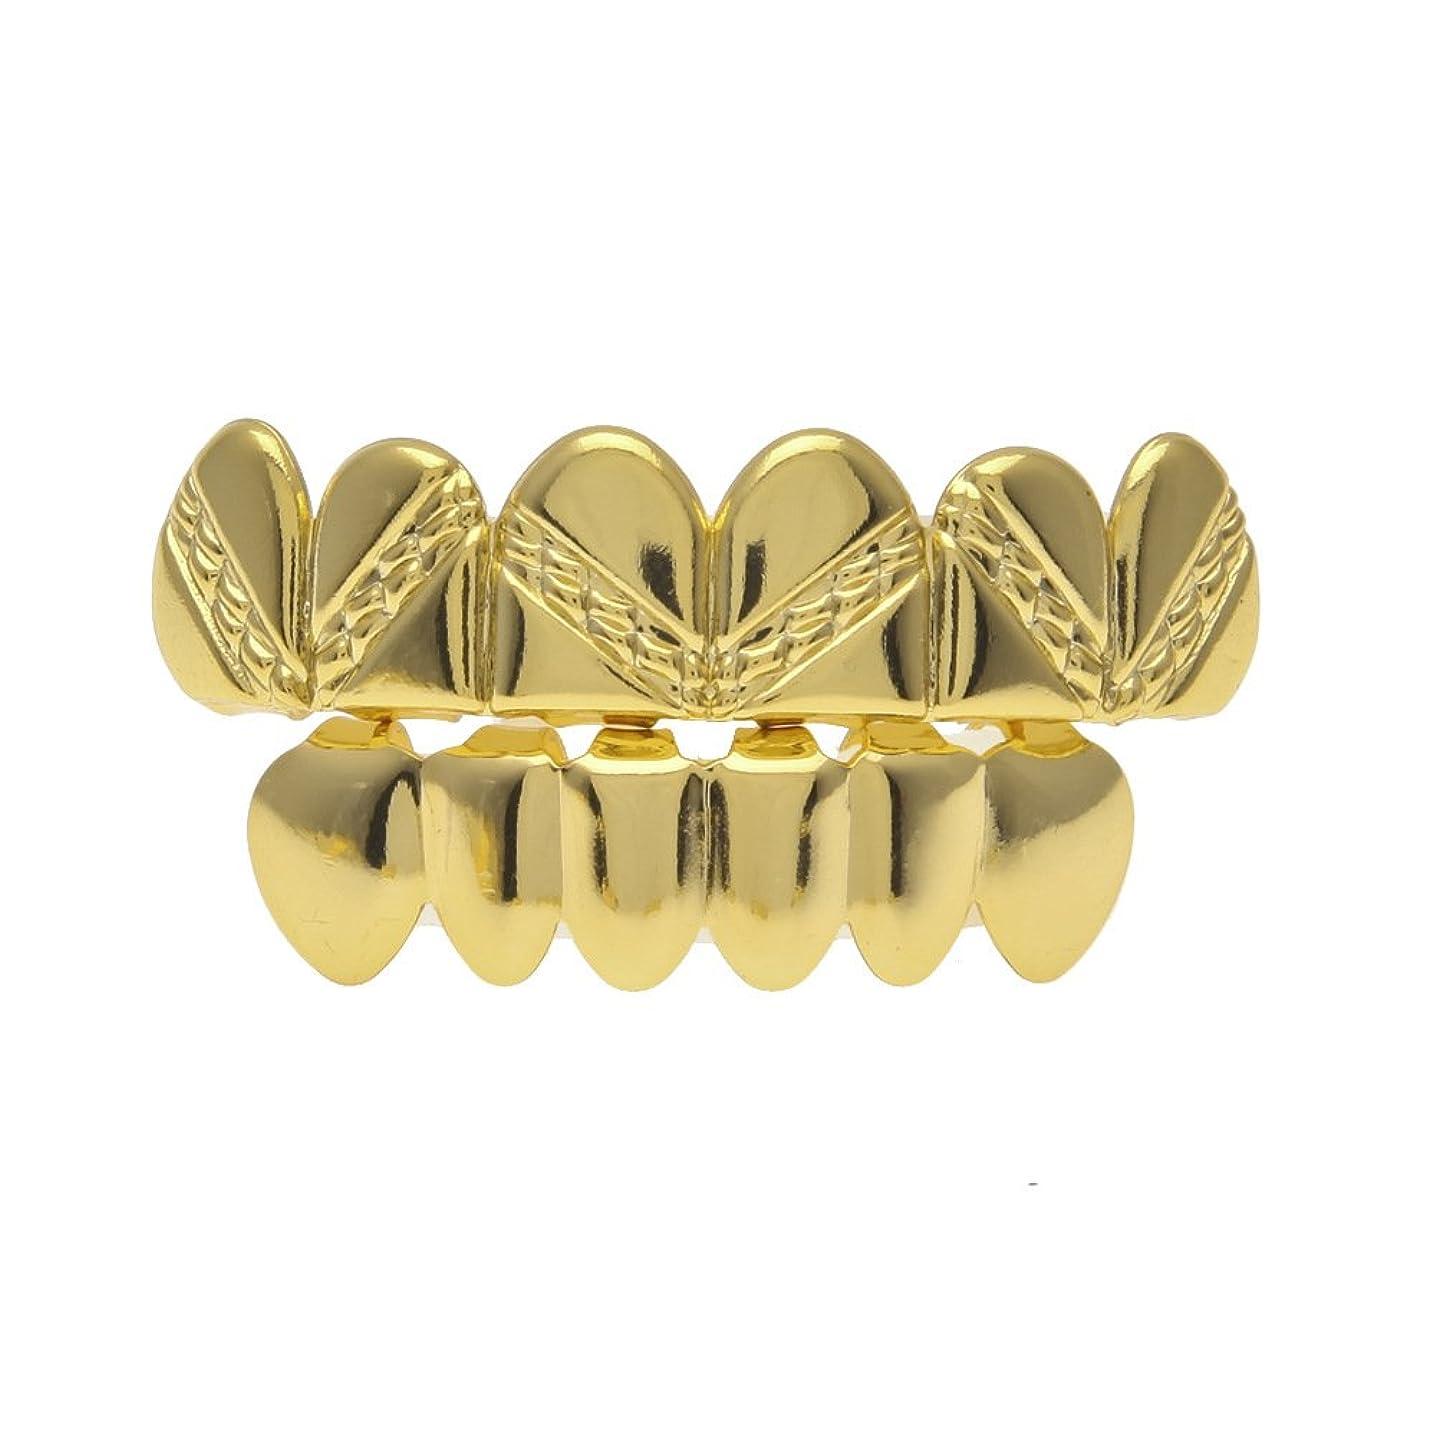 切るアクセント不完全なゴールドメッキブレースリアルゴールドメッキ光沢ツイルヒップホップモデル,Gold